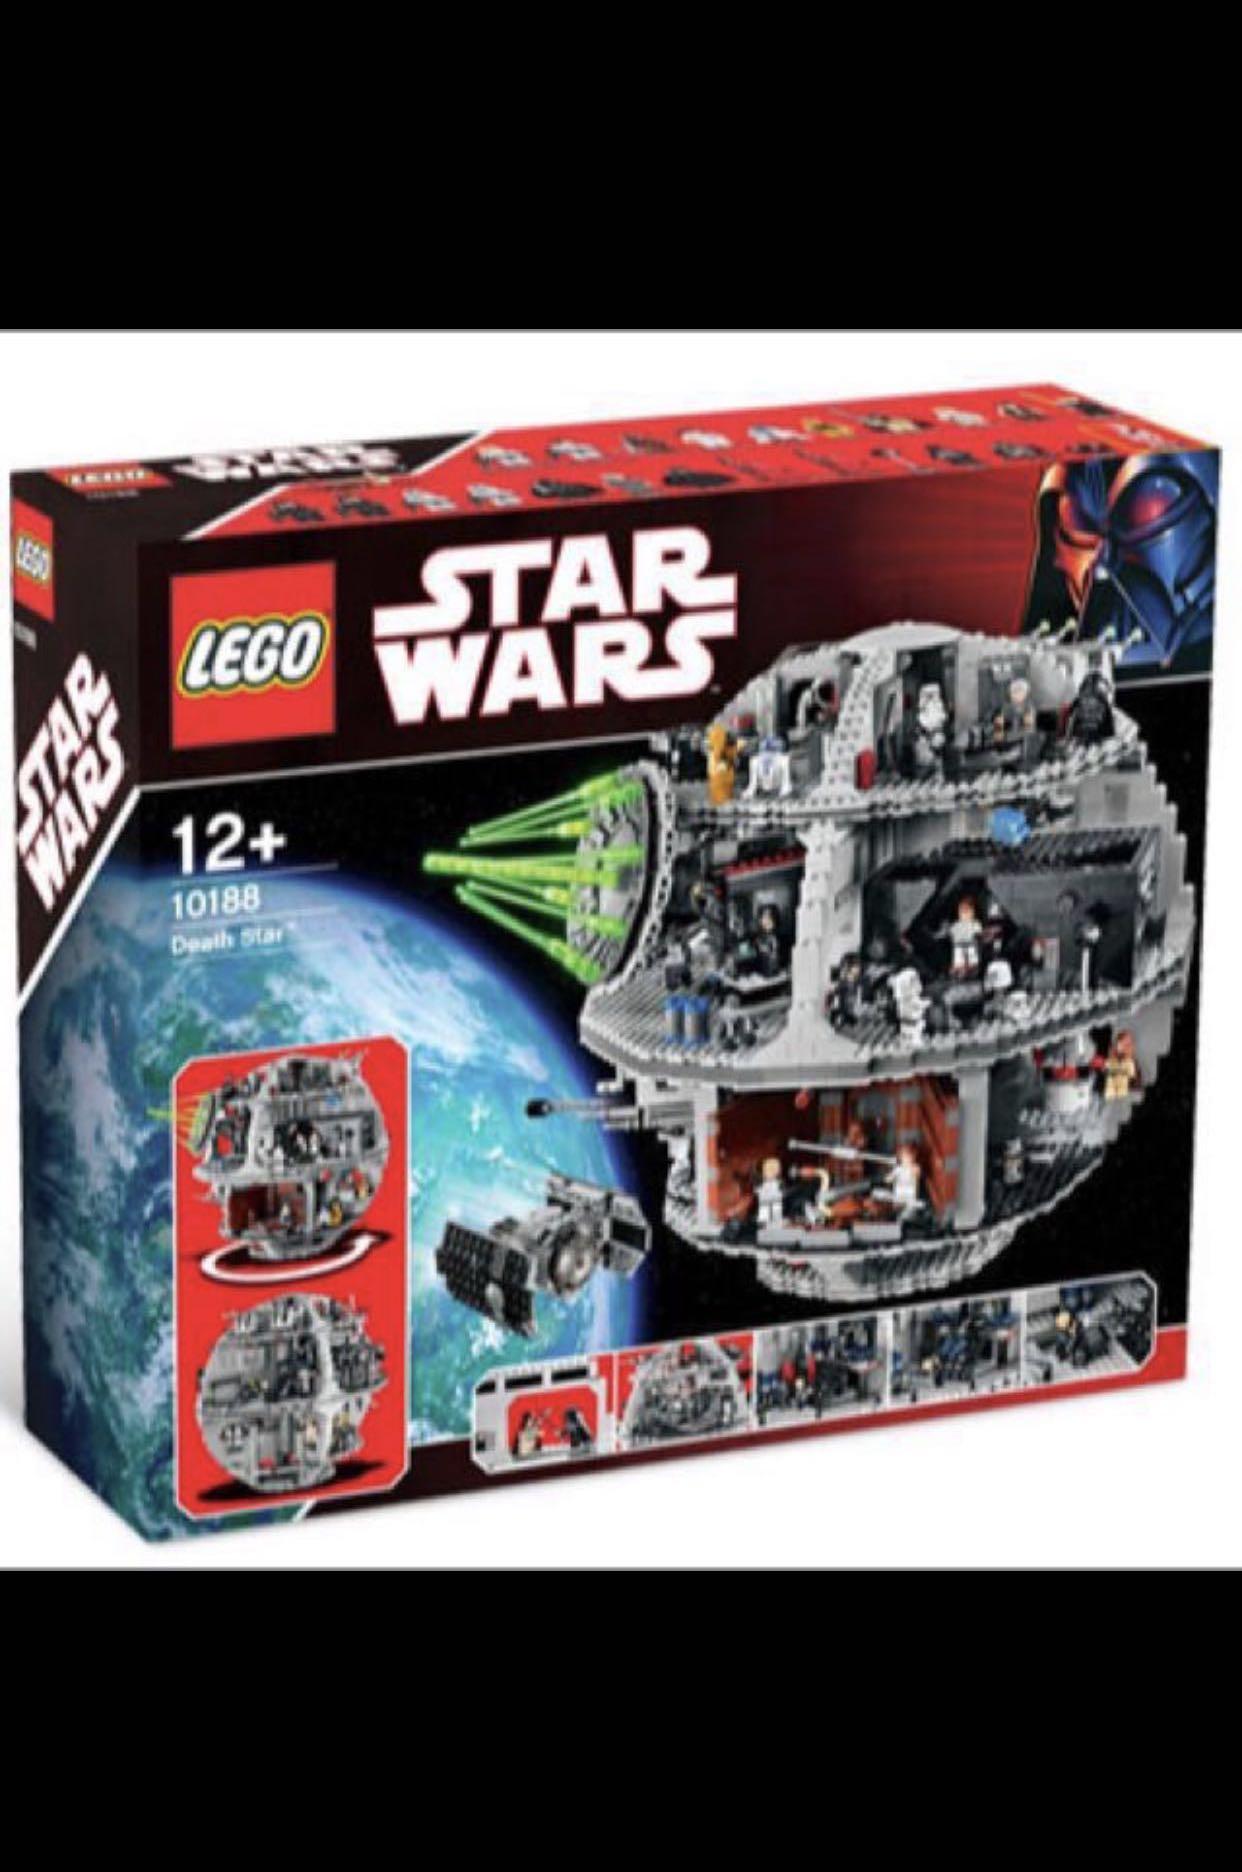 Lego 10188 Star Wars Death Star Toys Games Bricks Figurines On